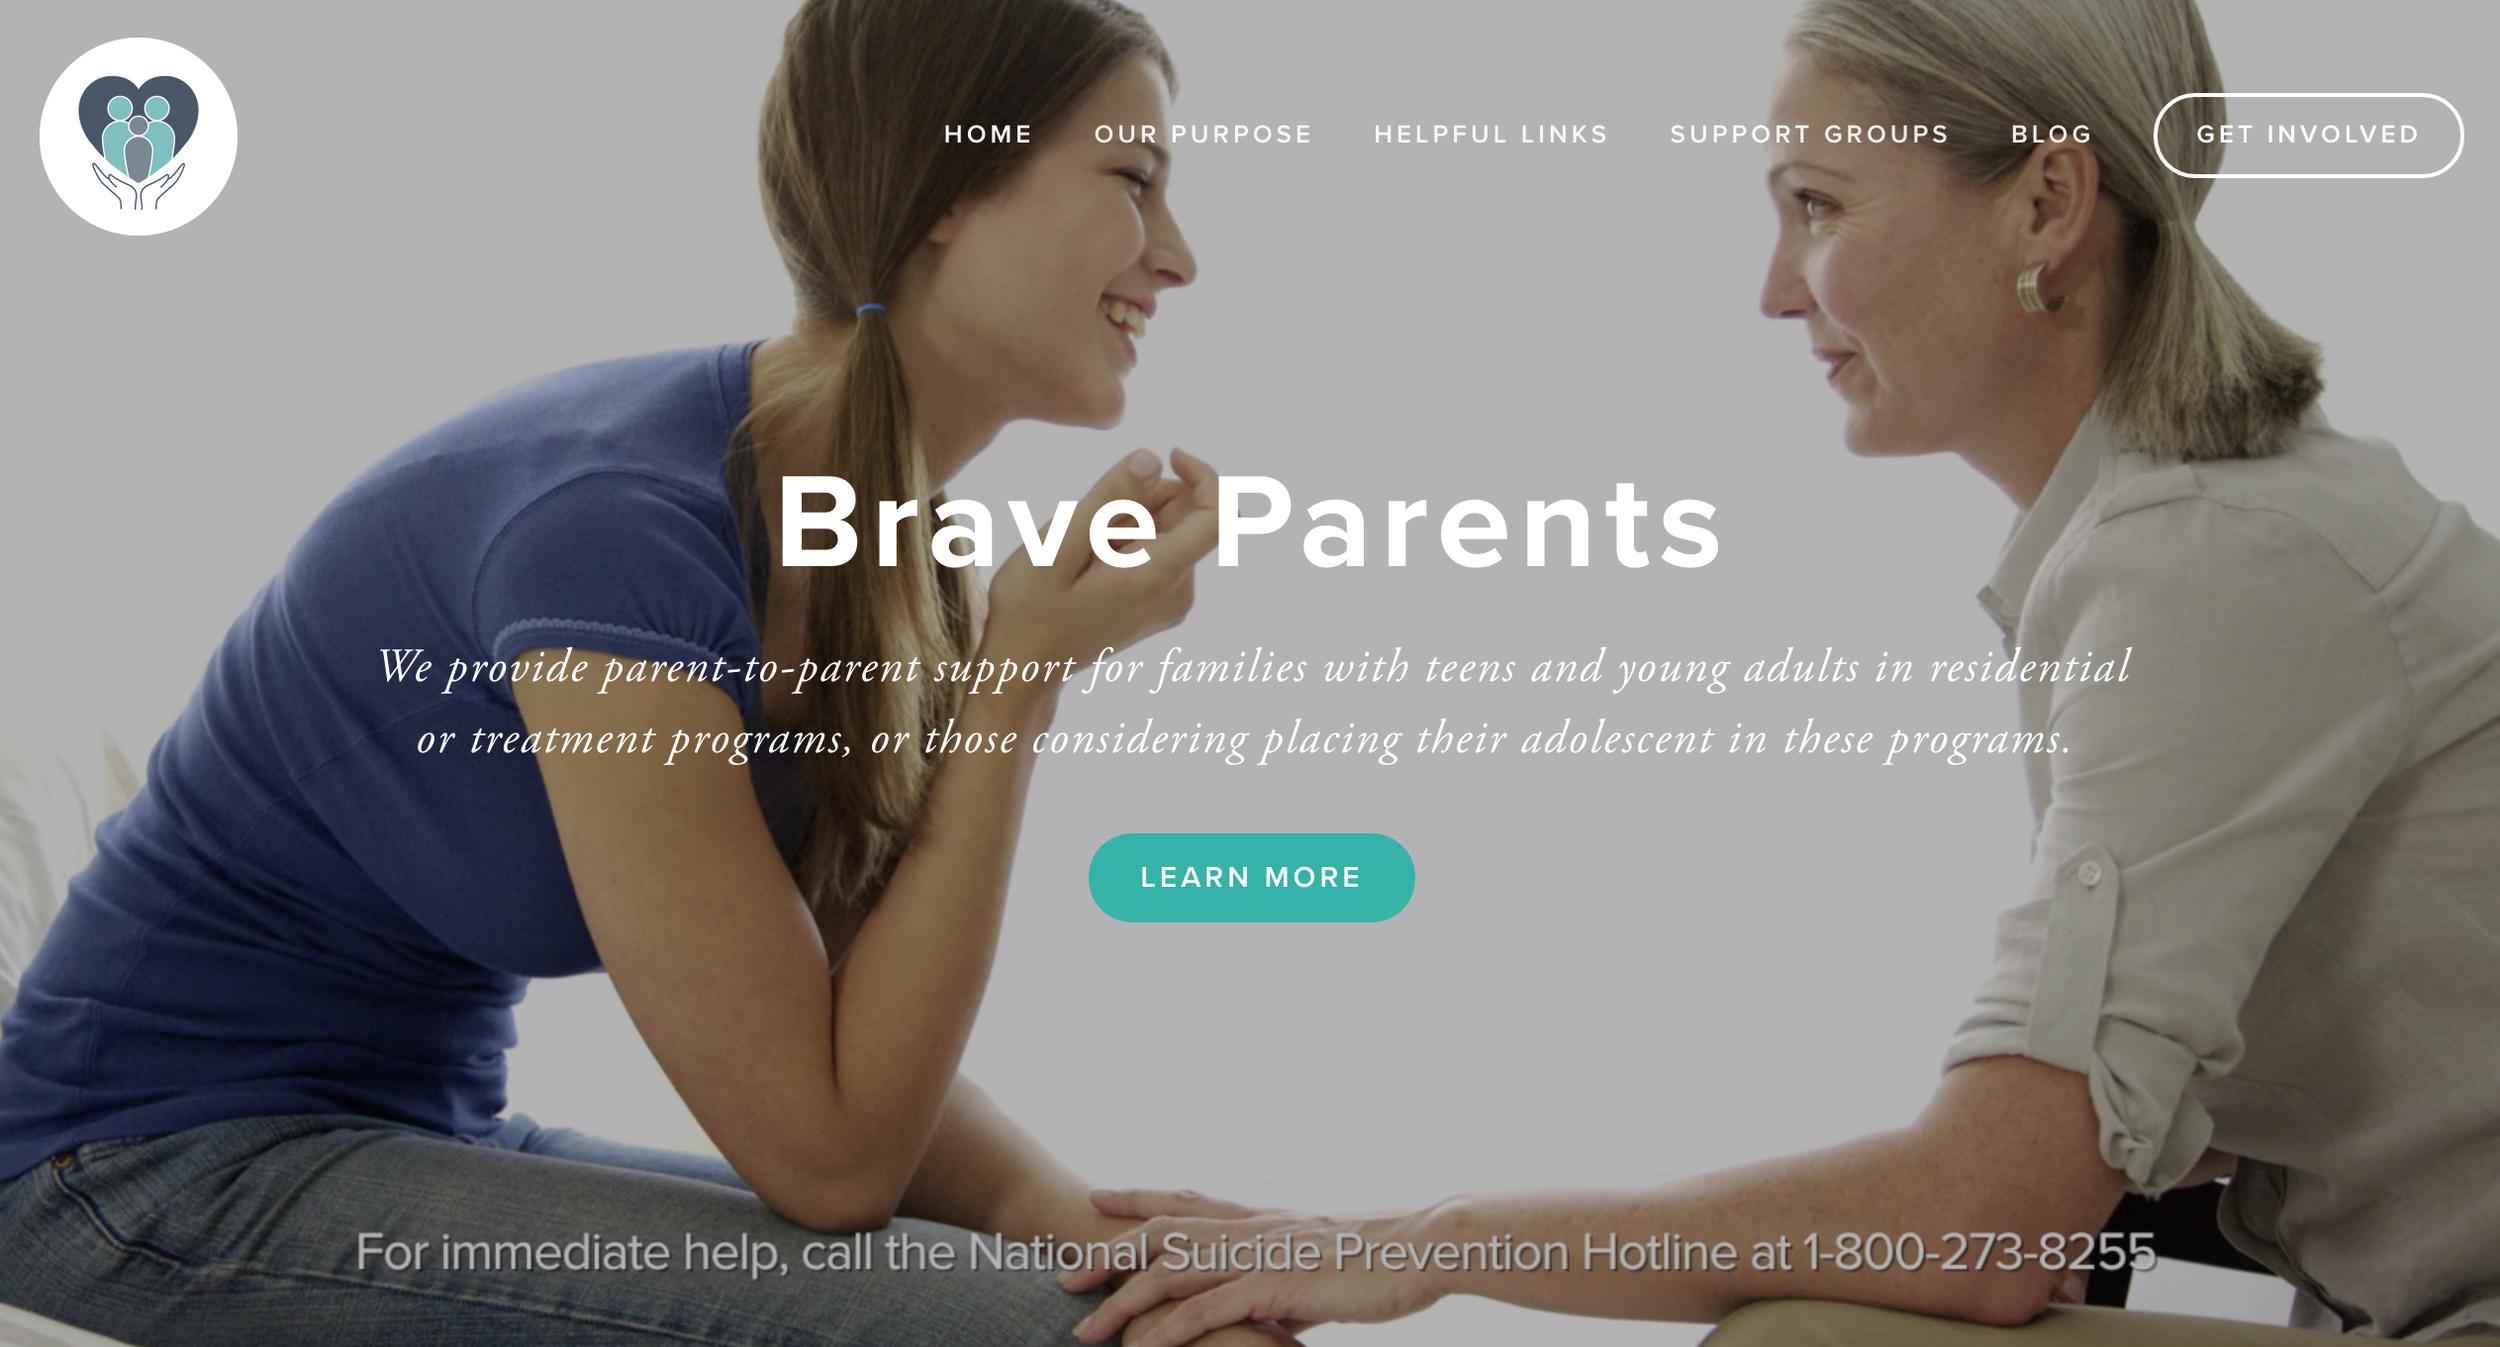 Website -  www.BraveParents.org